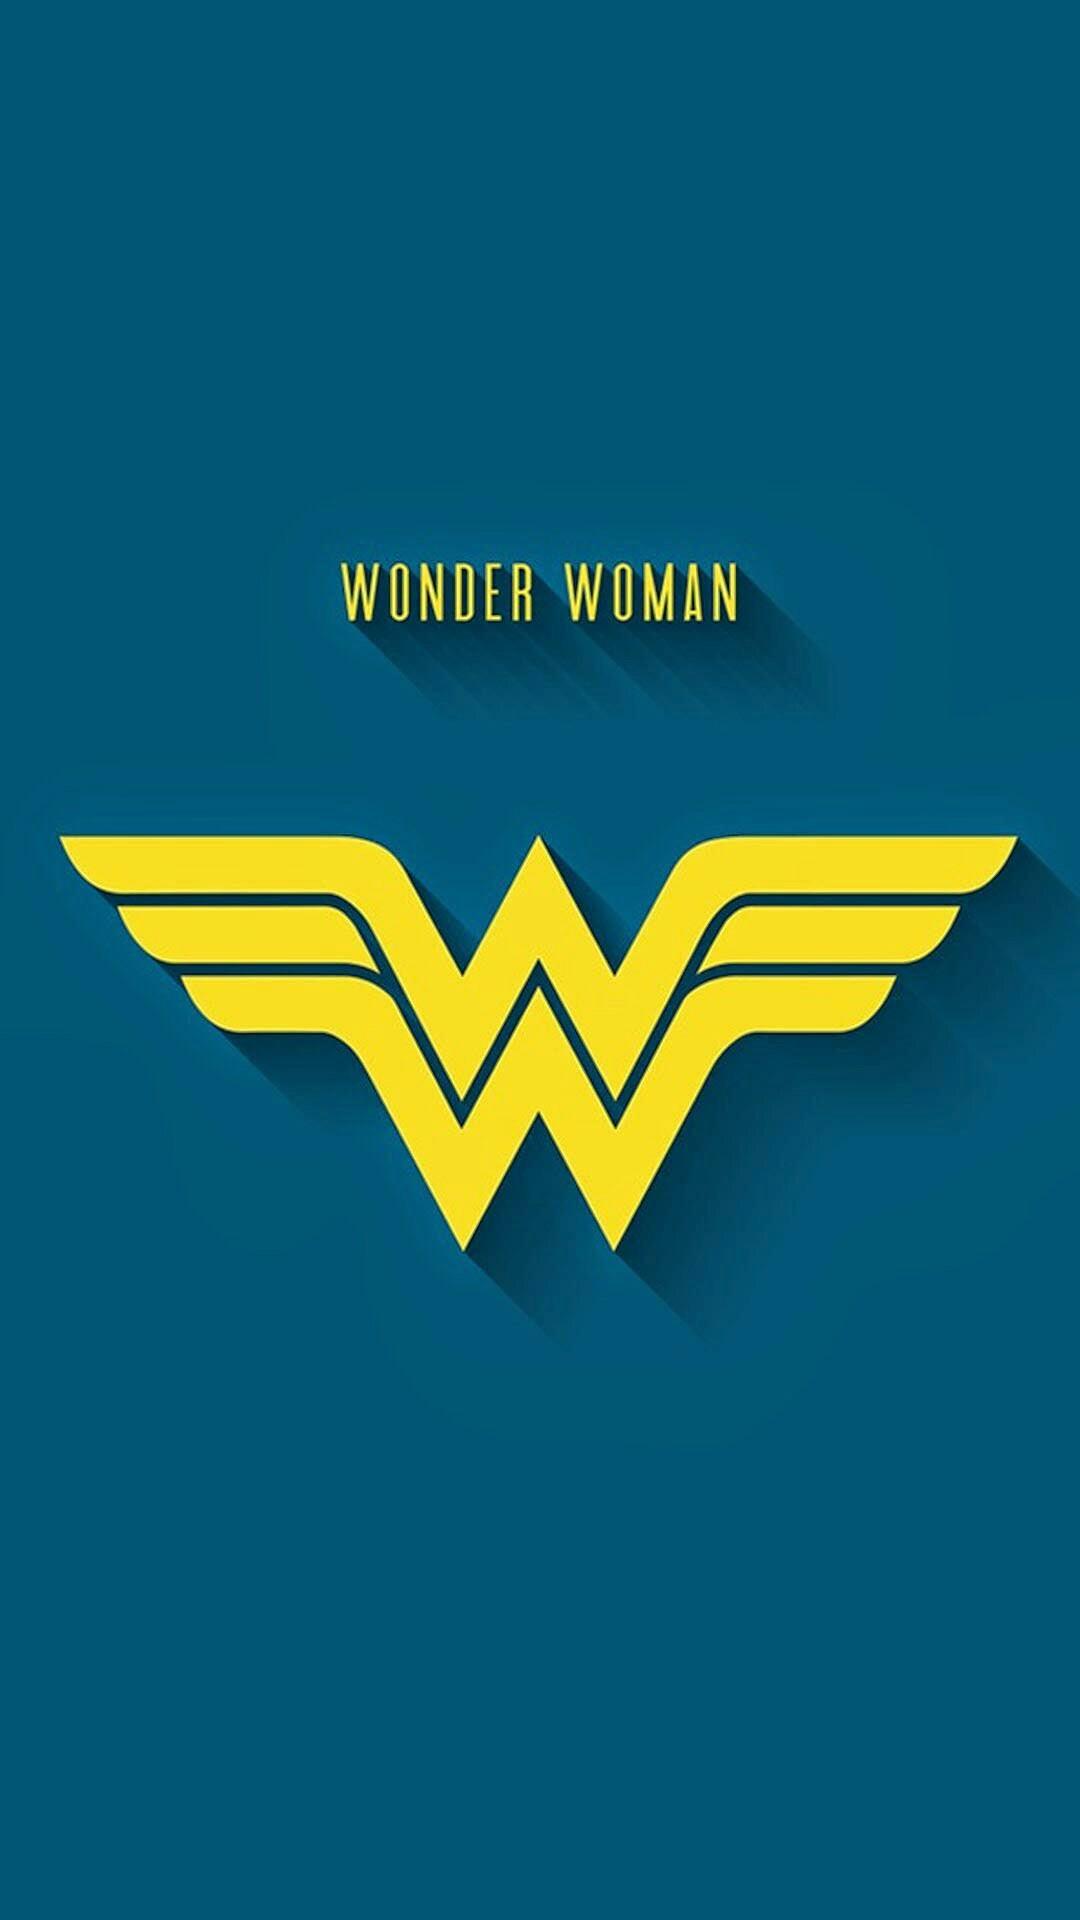 Wonder Woman Logo Wallpaper (61+ images).